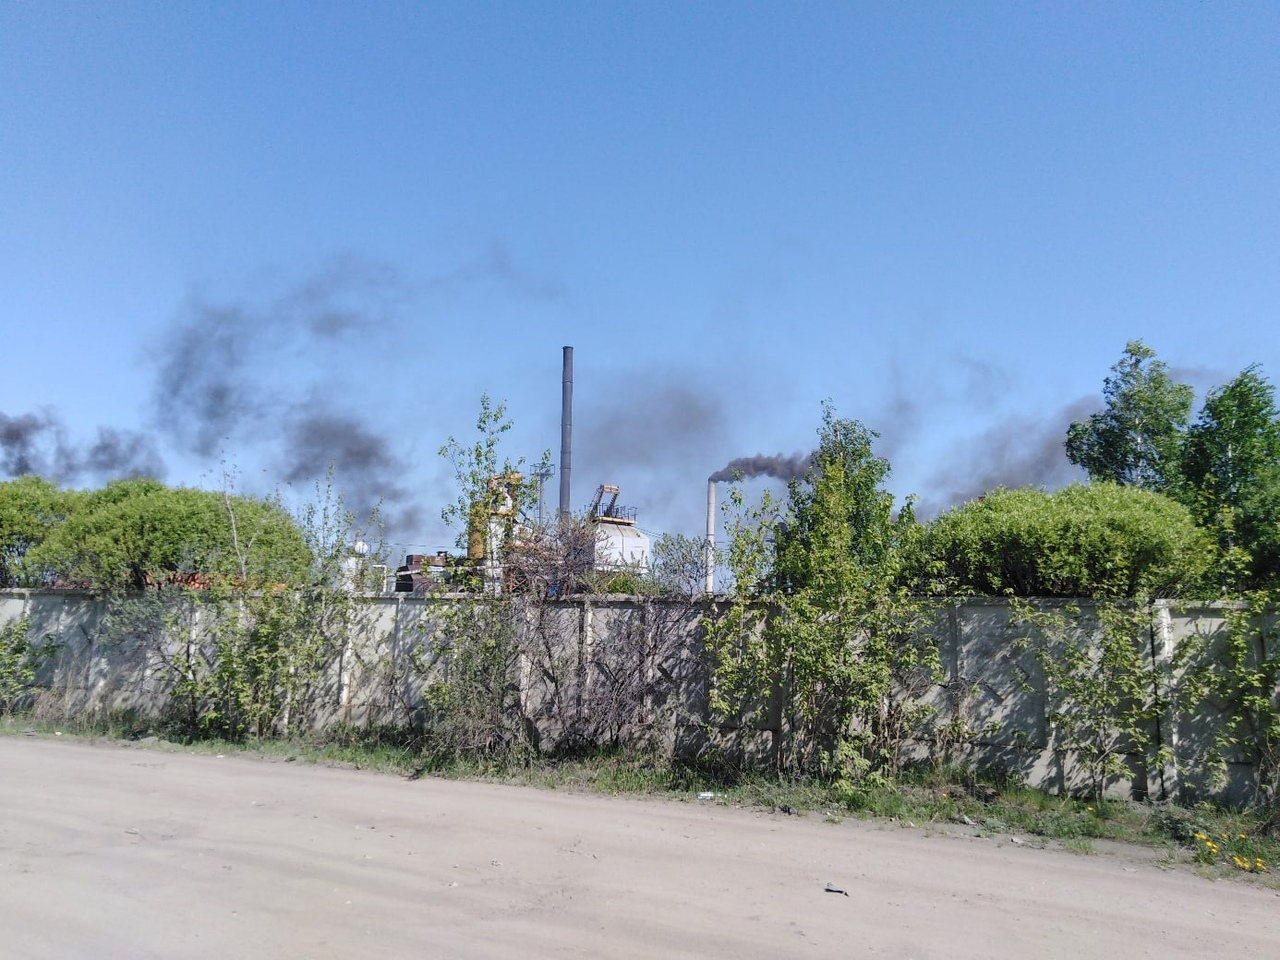 Муниципальный асфальтовый завод в Омске оштрафовали за выбросы #Новости #Общество #Омск